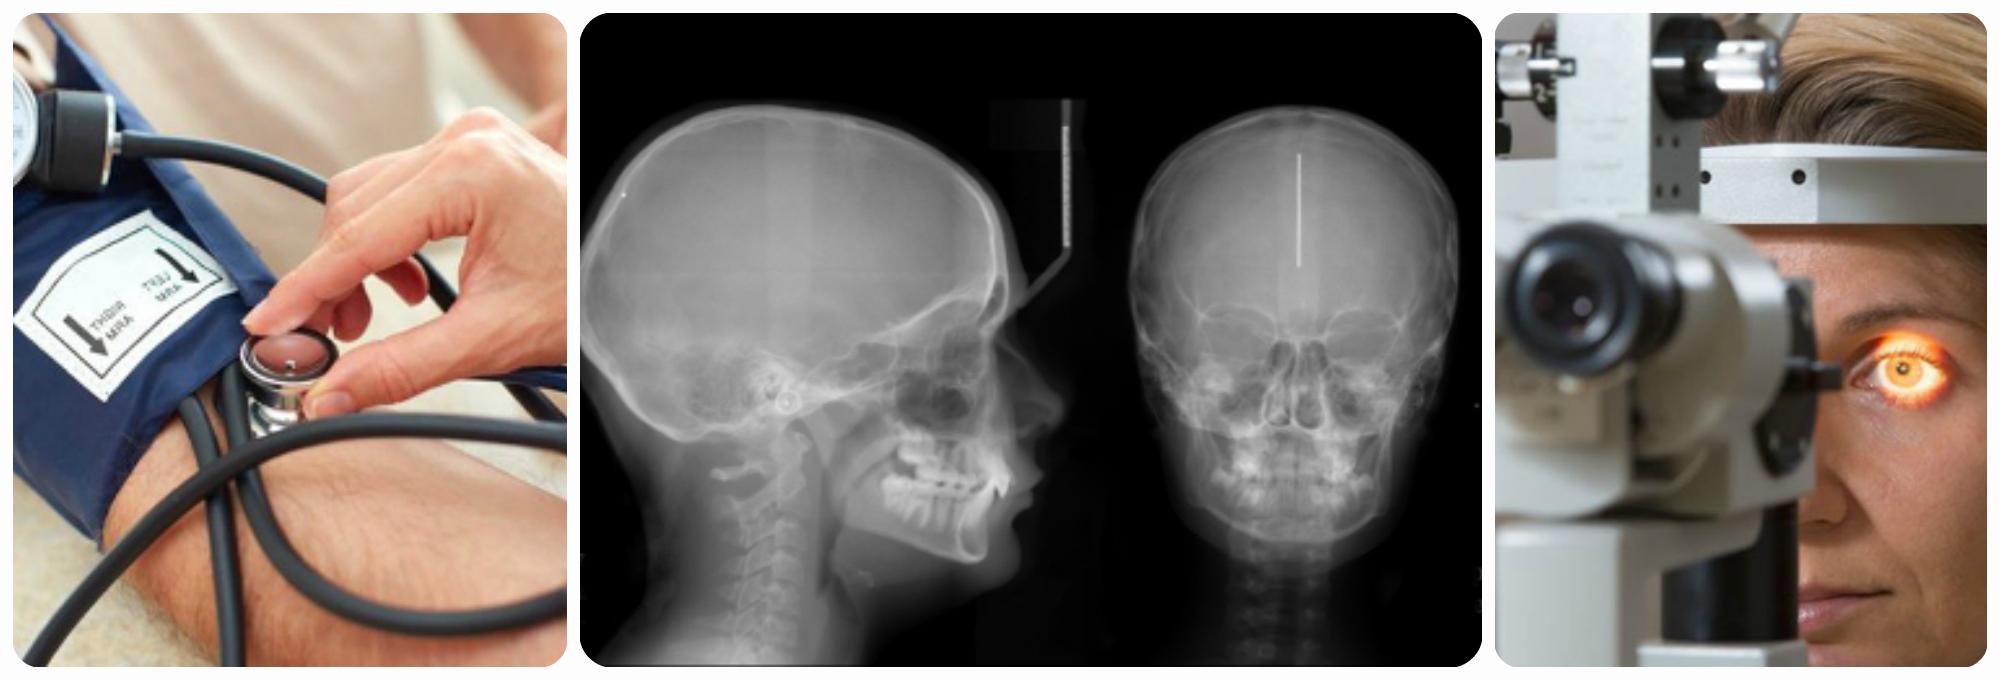 рентген, измерение давления ,обследование глазного дна